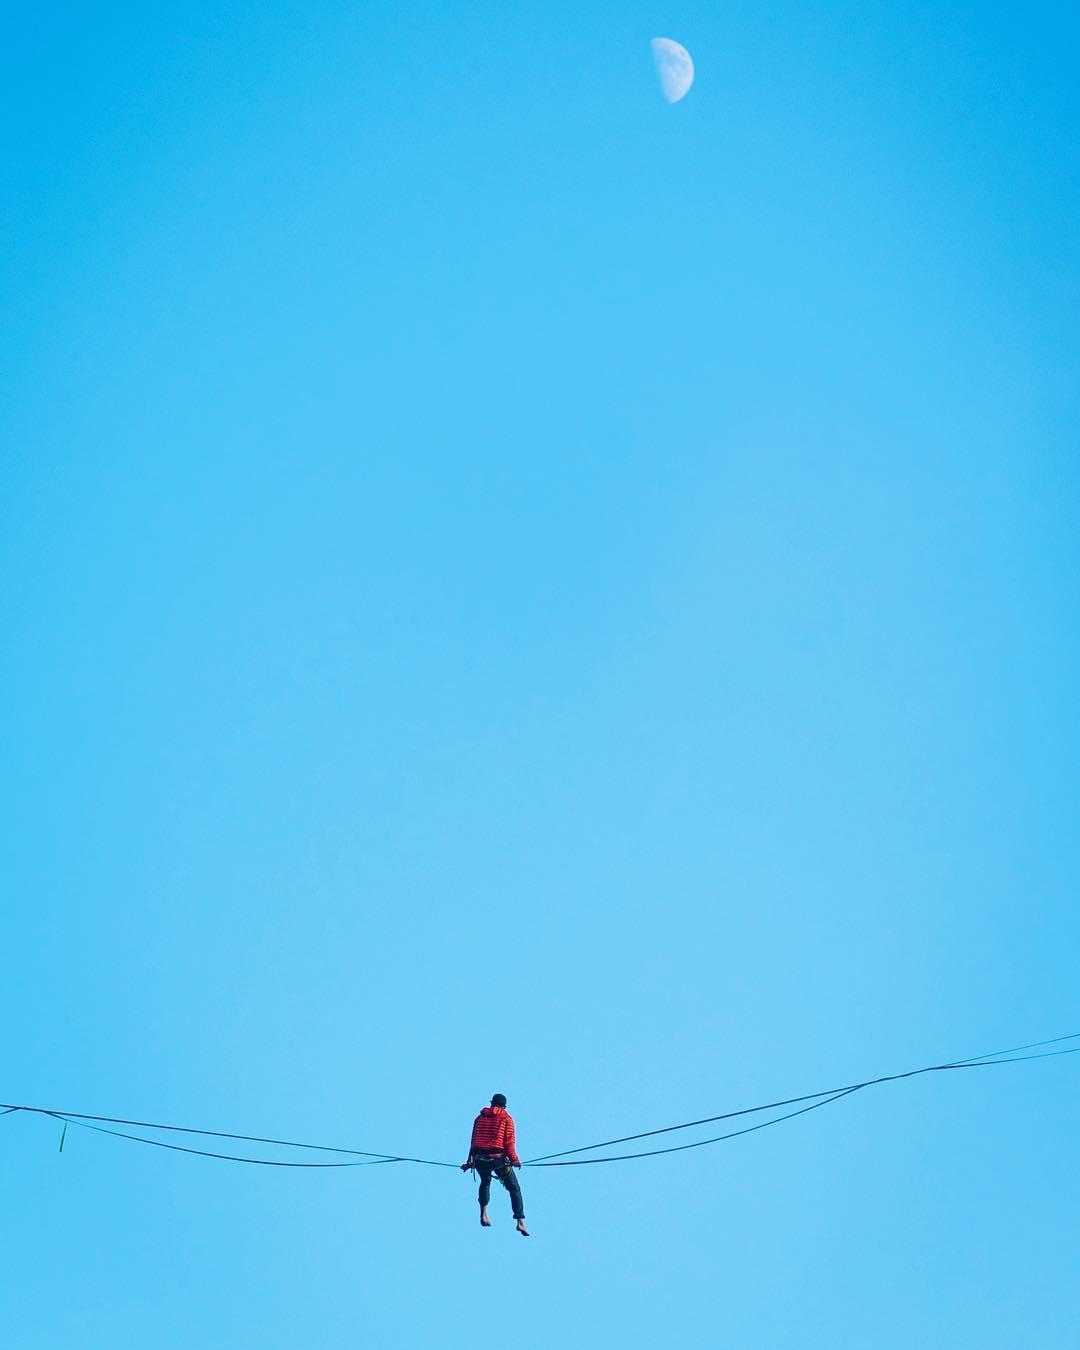 Człowiek na linie